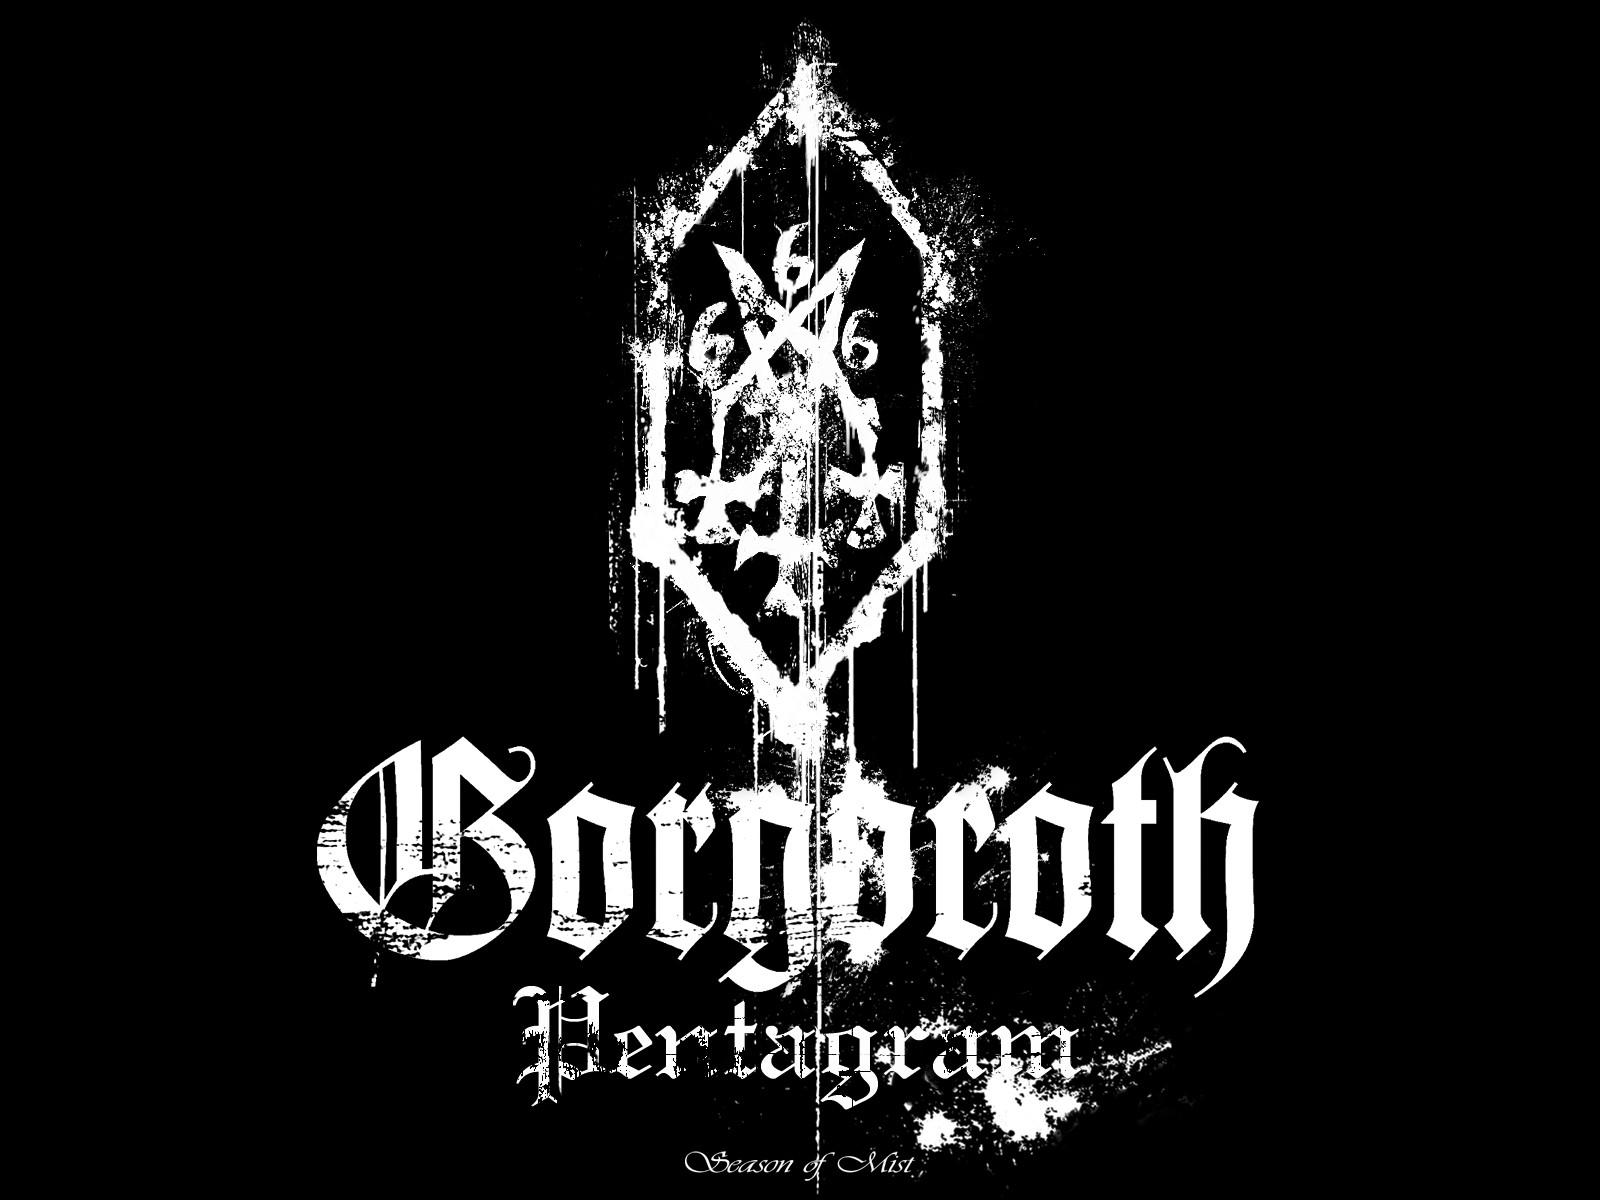 Wallpaper Illustration Text Logo Band Metal Music Black Metal